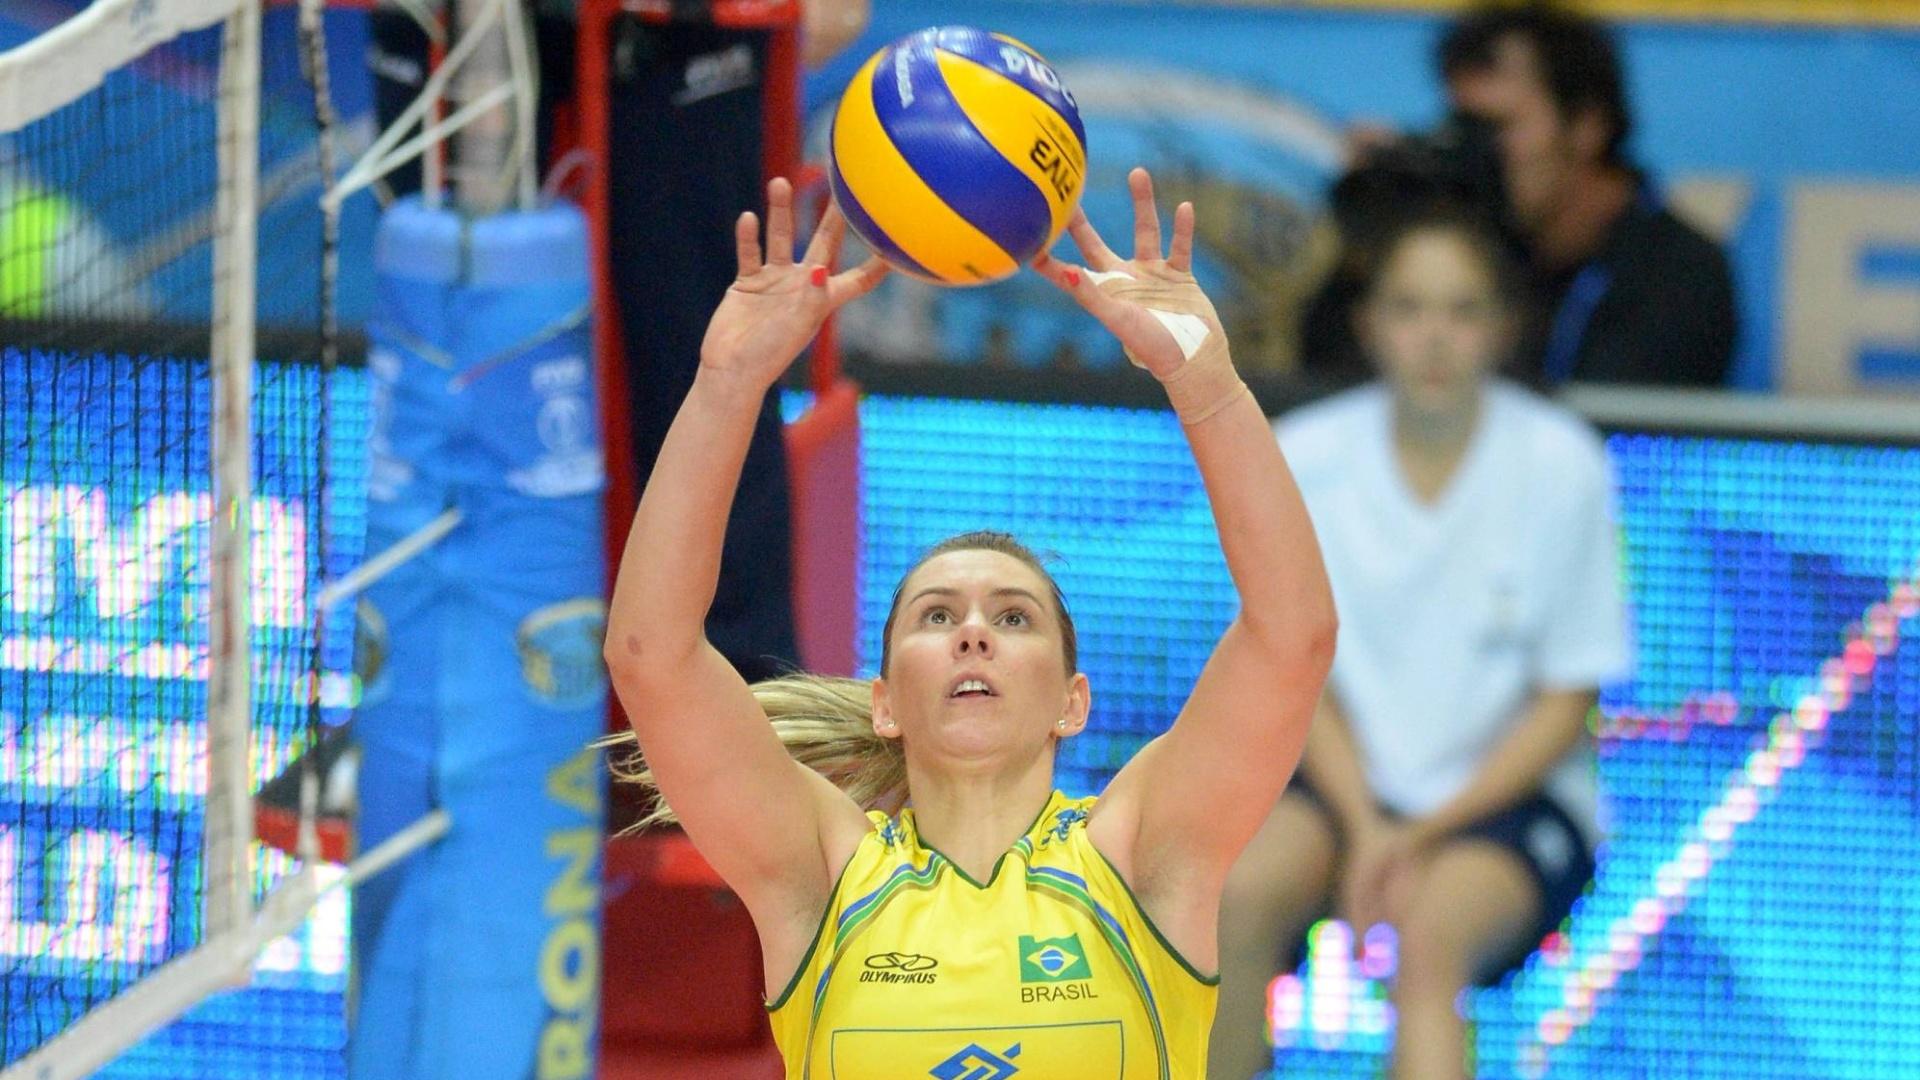 Fabíola faz o levantamento na partida entre Brasil e EUA pelo Mundial feminino de vôlei, em Verona